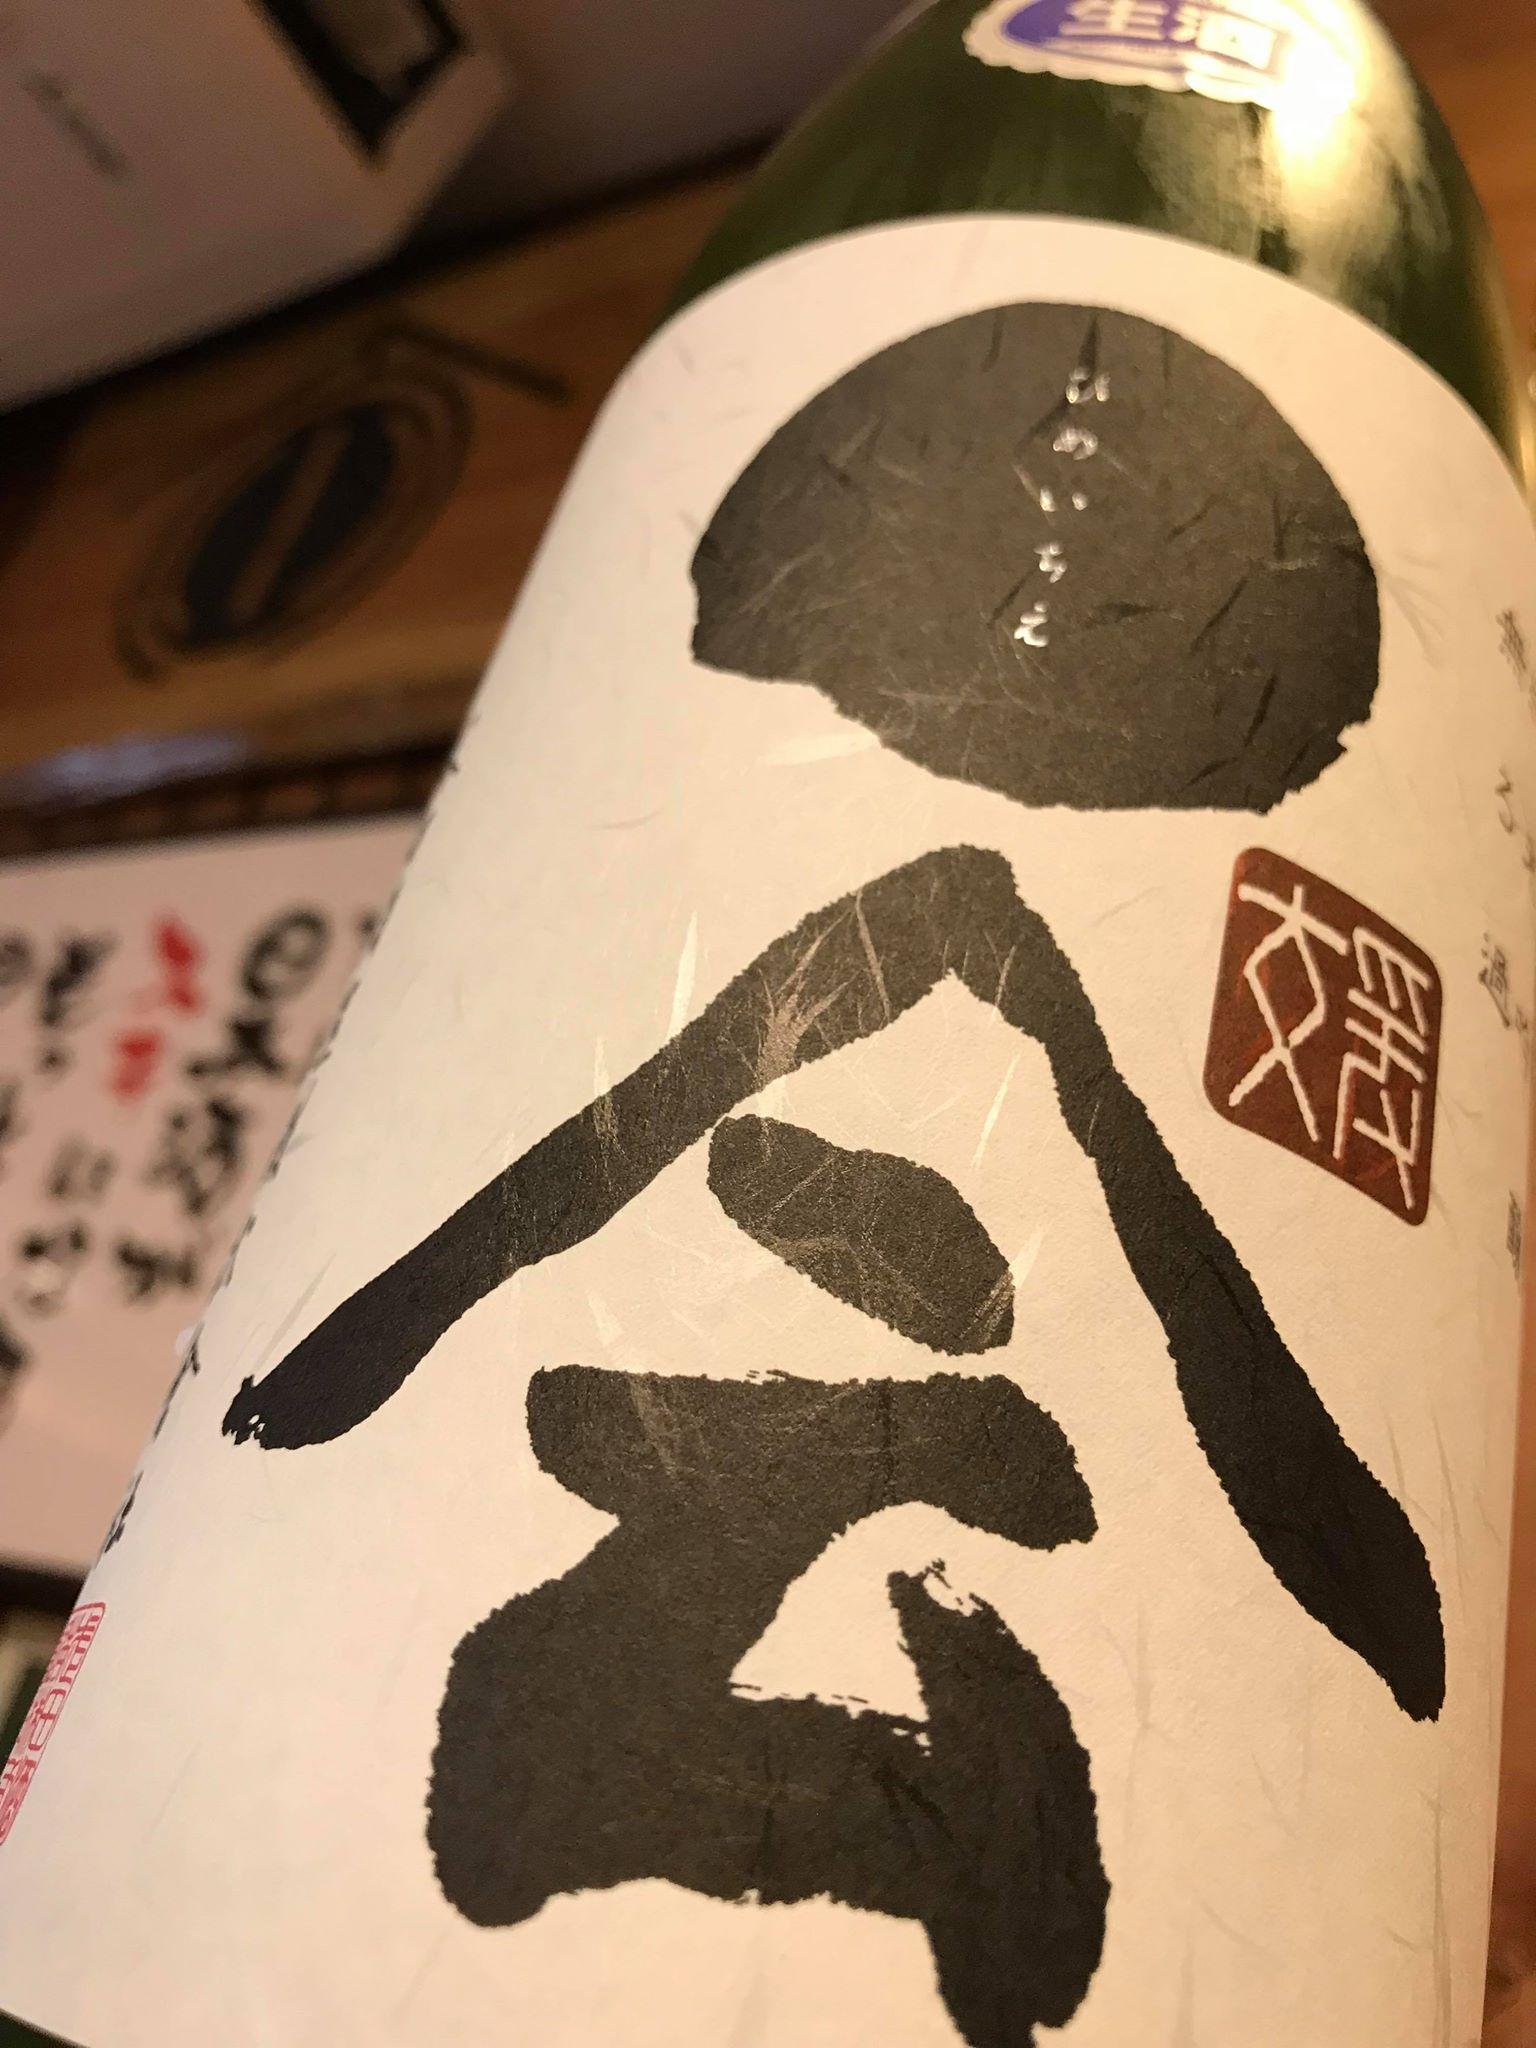 【日本酒】媛一会 小槽袋搾り 純米吟醸 無濾過生酒 松山三井60 夏越熟成SPver 限定 29BY_e0173738_14324342.jpg